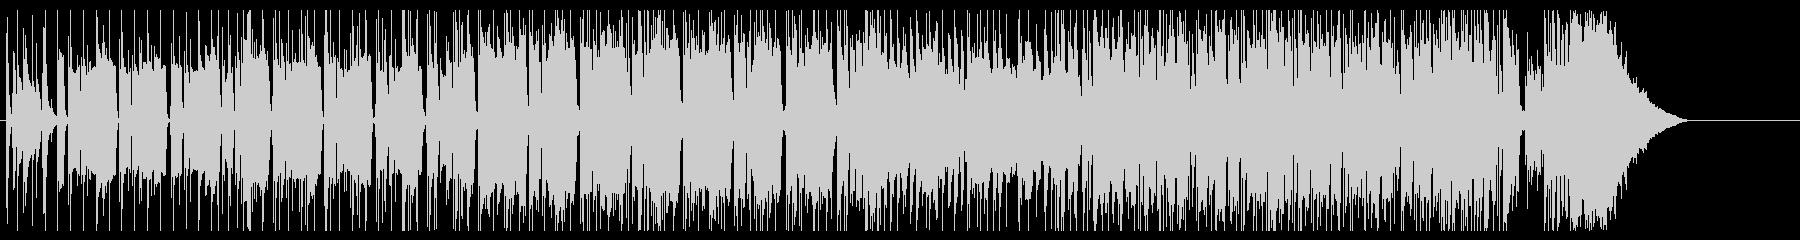 16ビートシャッフルのファンキーインストの未再生の波形